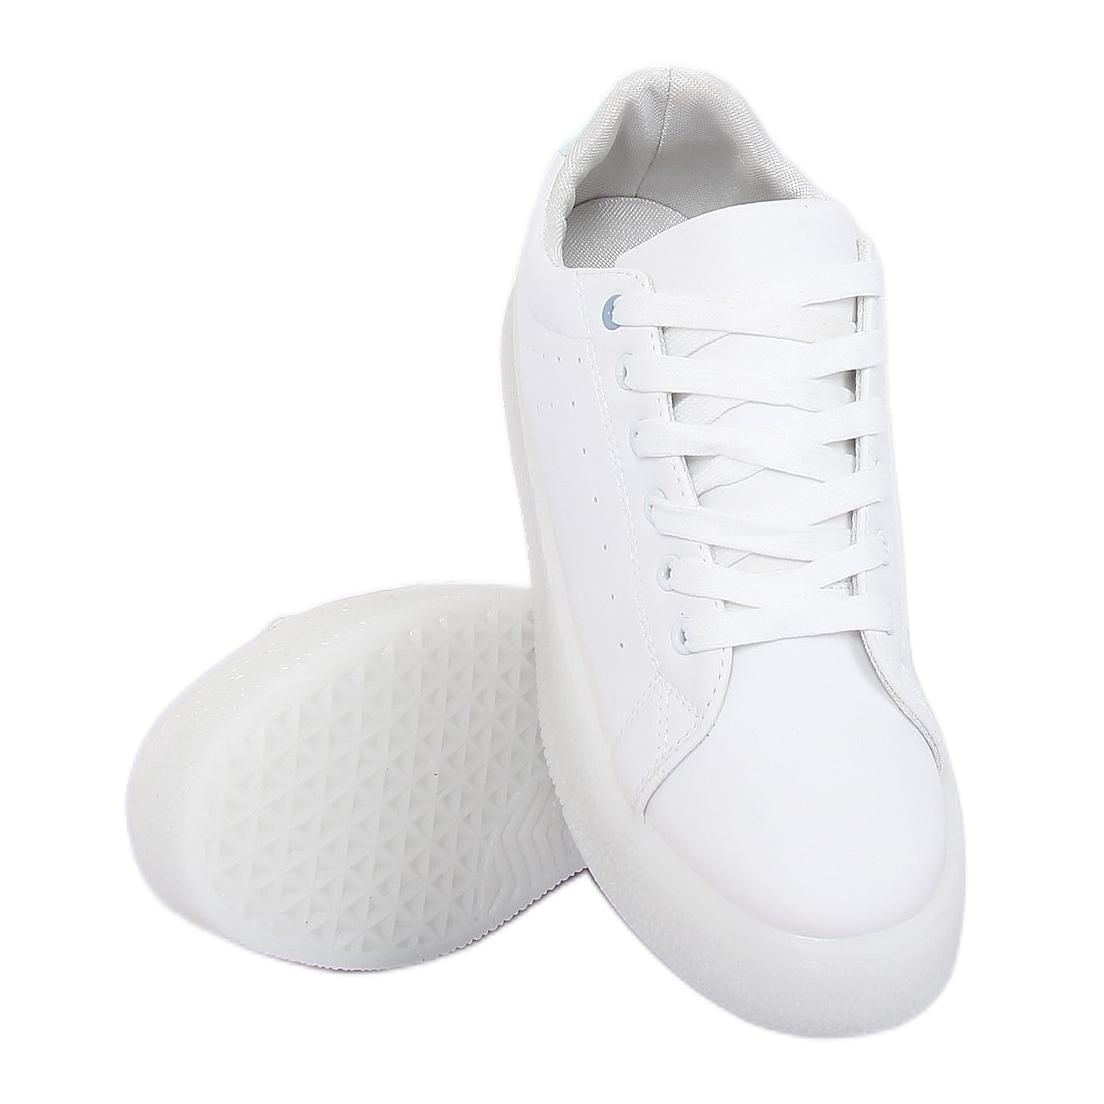 bcb49737fcf176 sneakers -bianche-con-tacco-alto-la38p-bianche-2-2000x2000.jpeg?_=1554247085.49444311